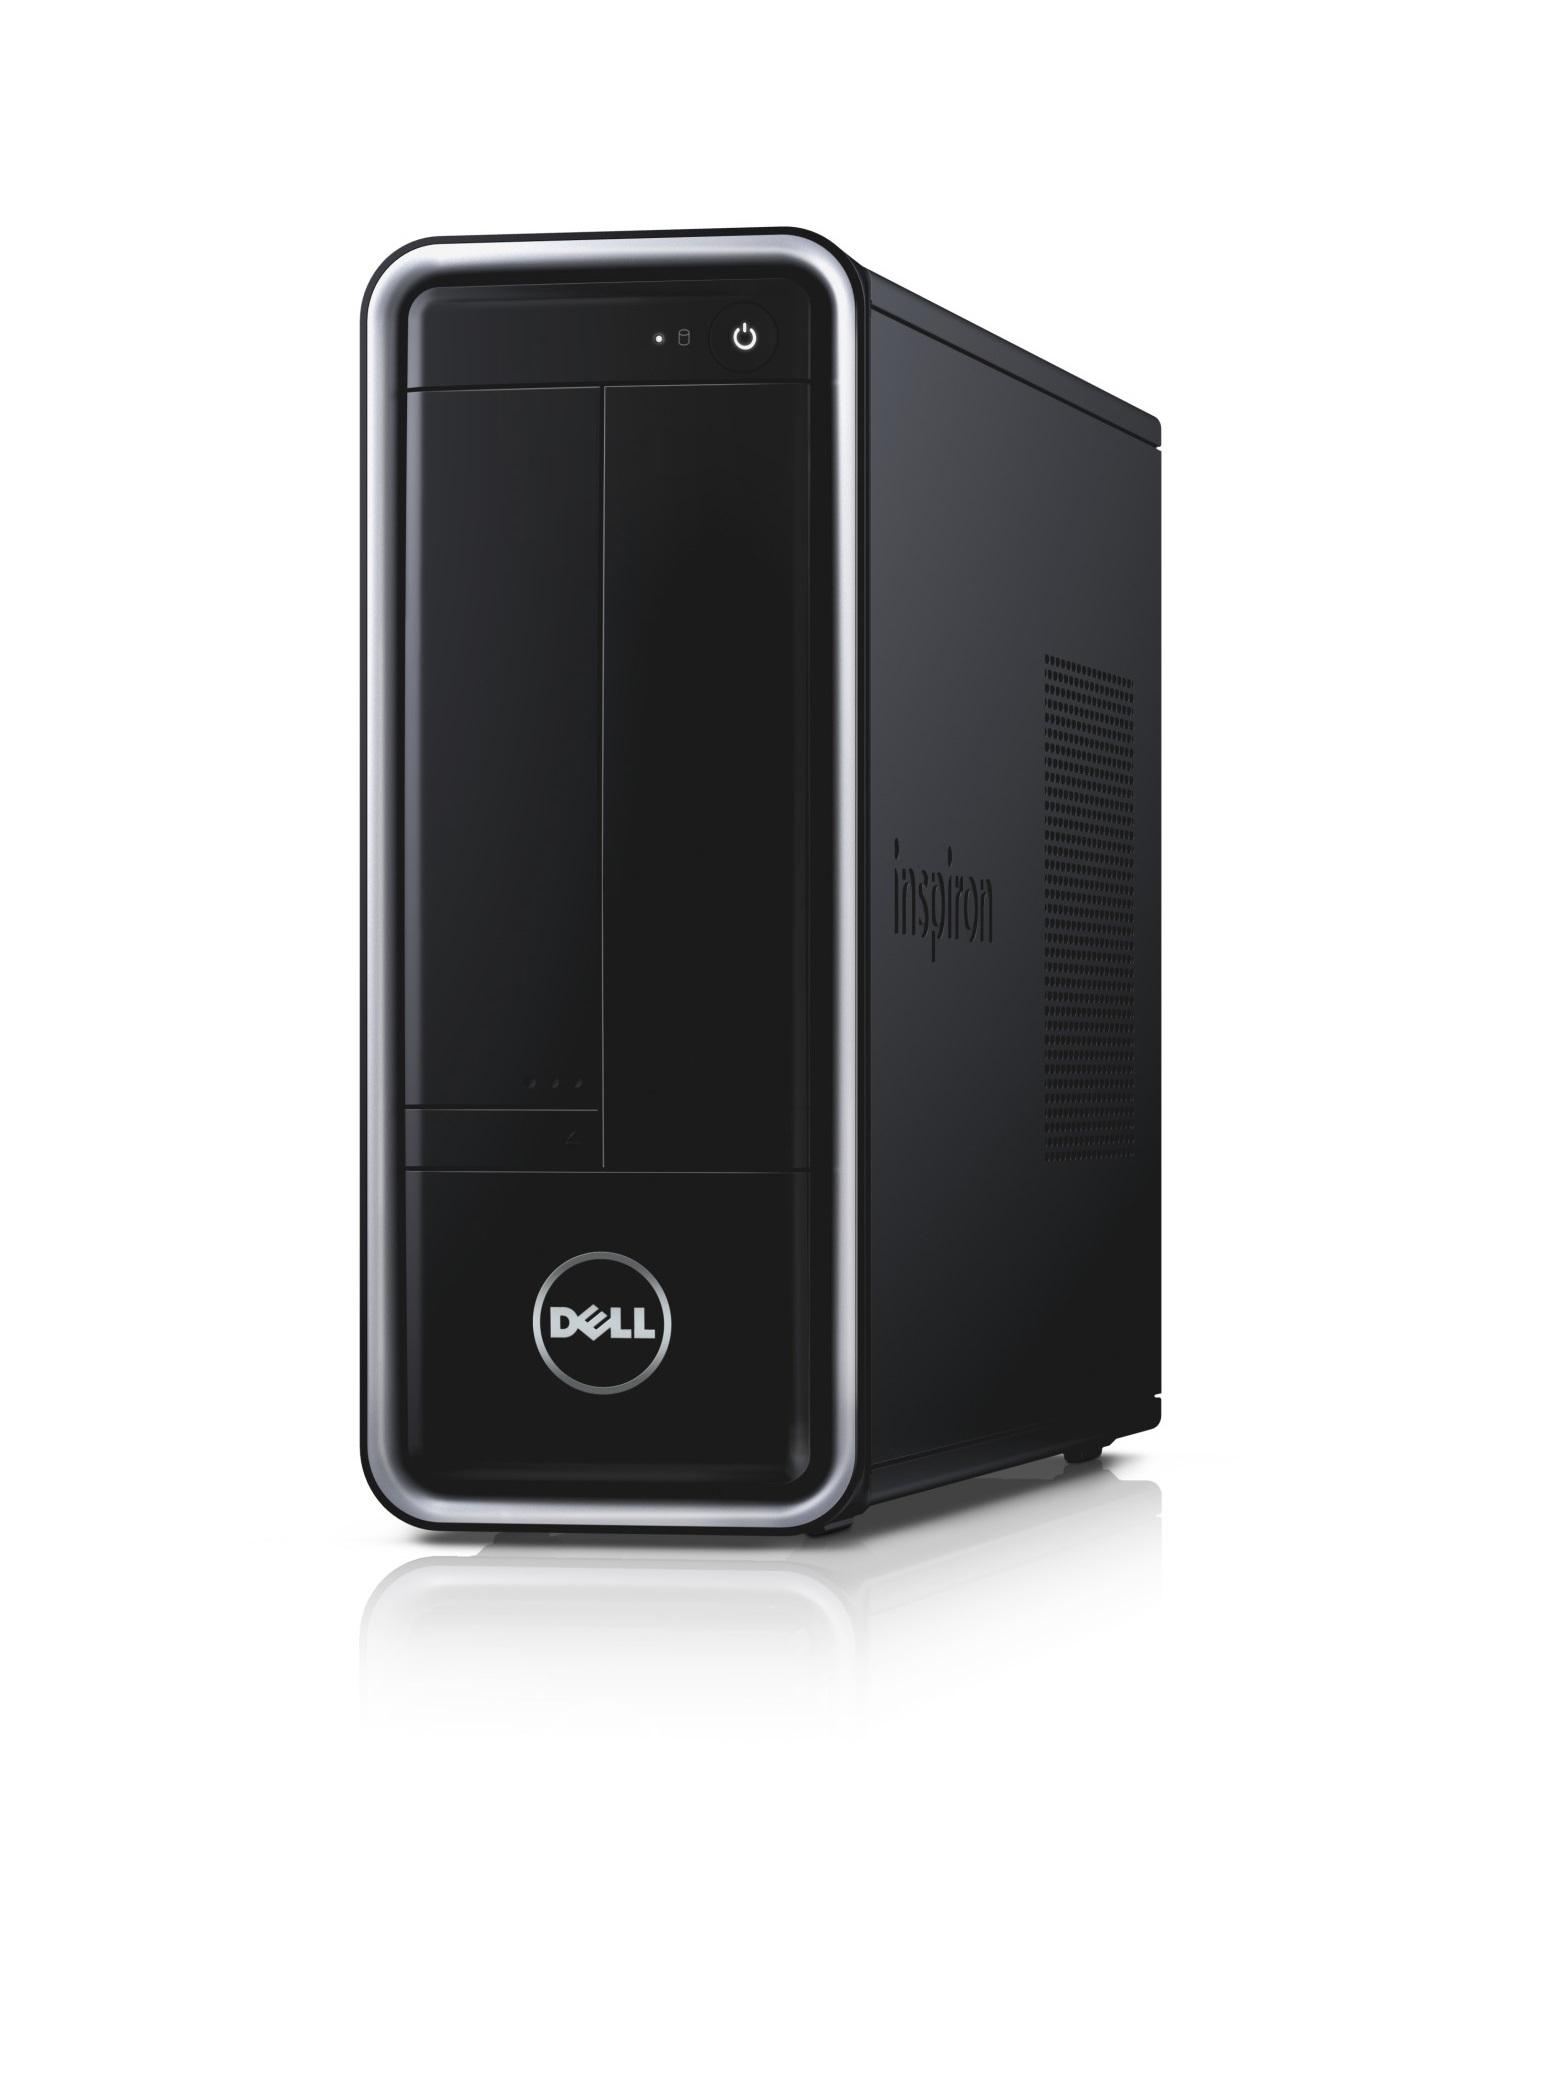 DELL Inspiron 3647 i3-4170 Desktop piccolo Nero PC